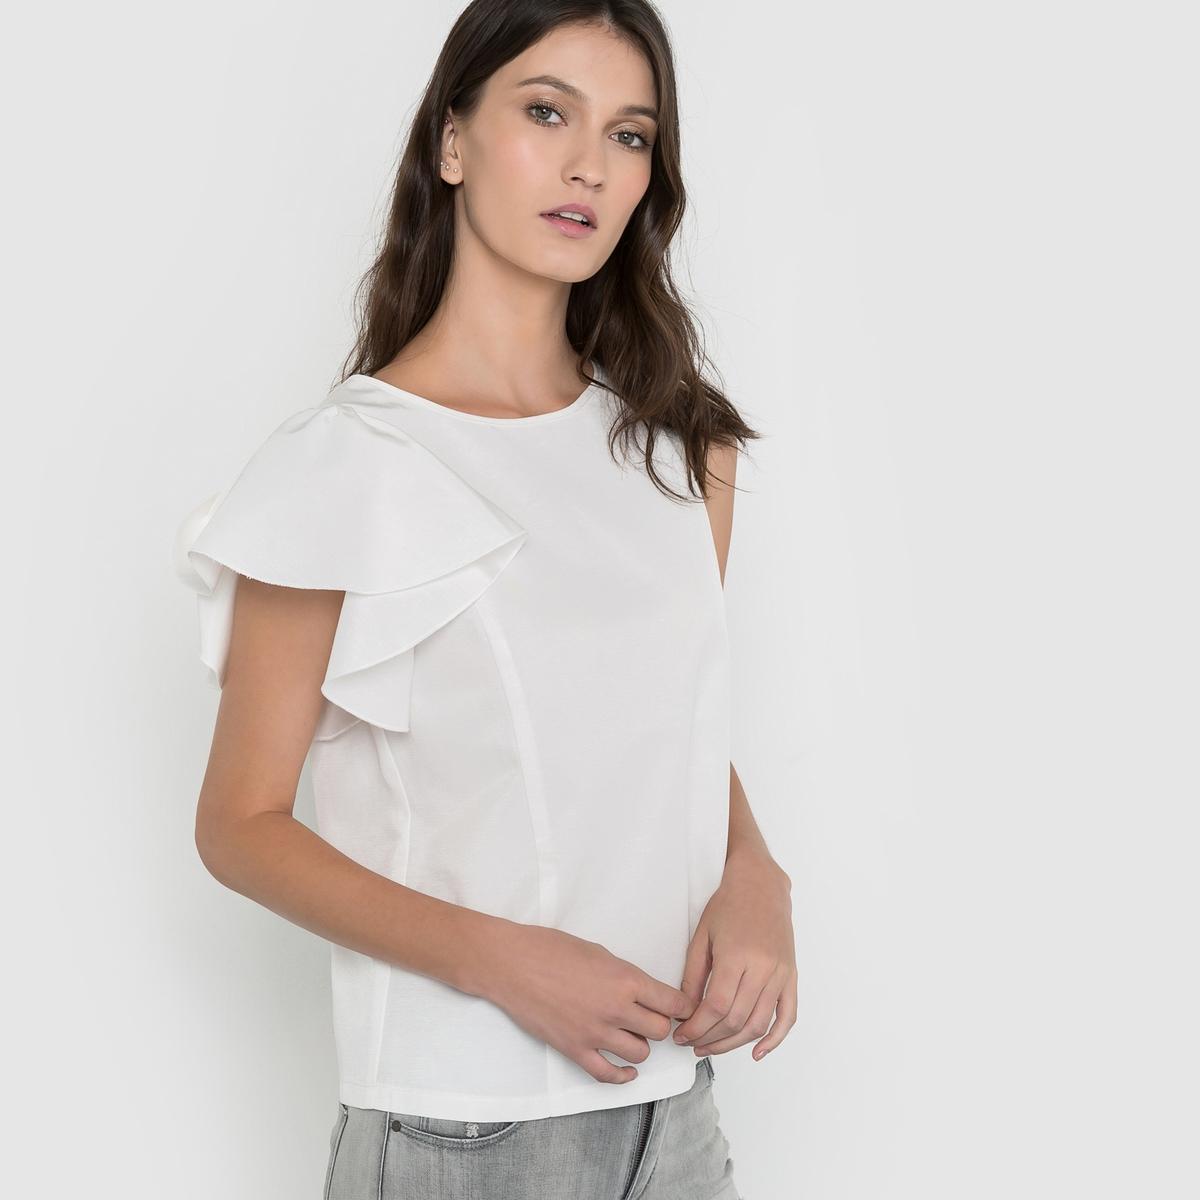 Блузка асимметричная с воланами на рукаве